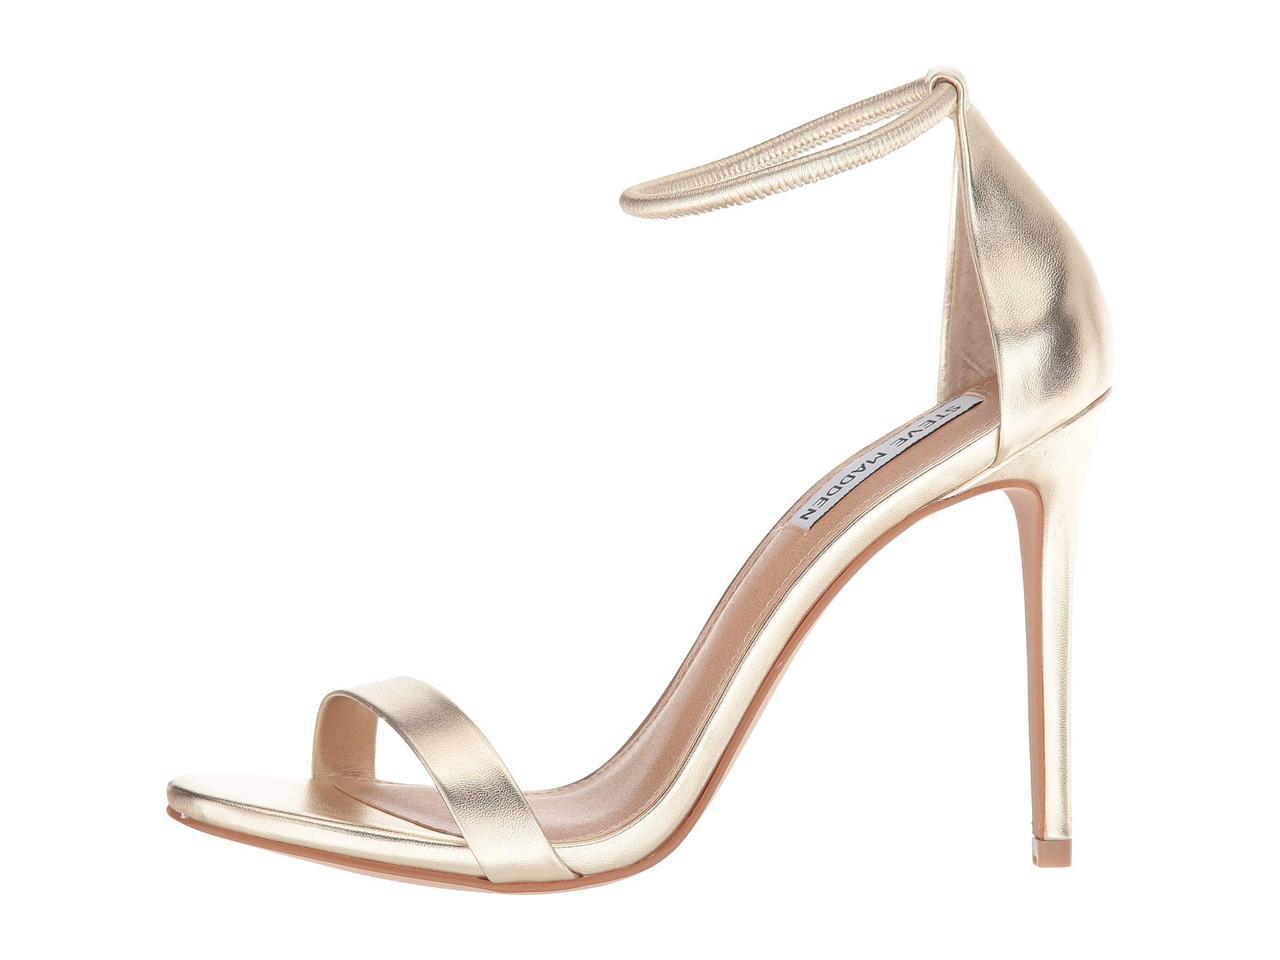 3658a8a4c35 ... Туфли на каблуке (Оригинал) Steve Madden Soph Heeled Sandal Champagne